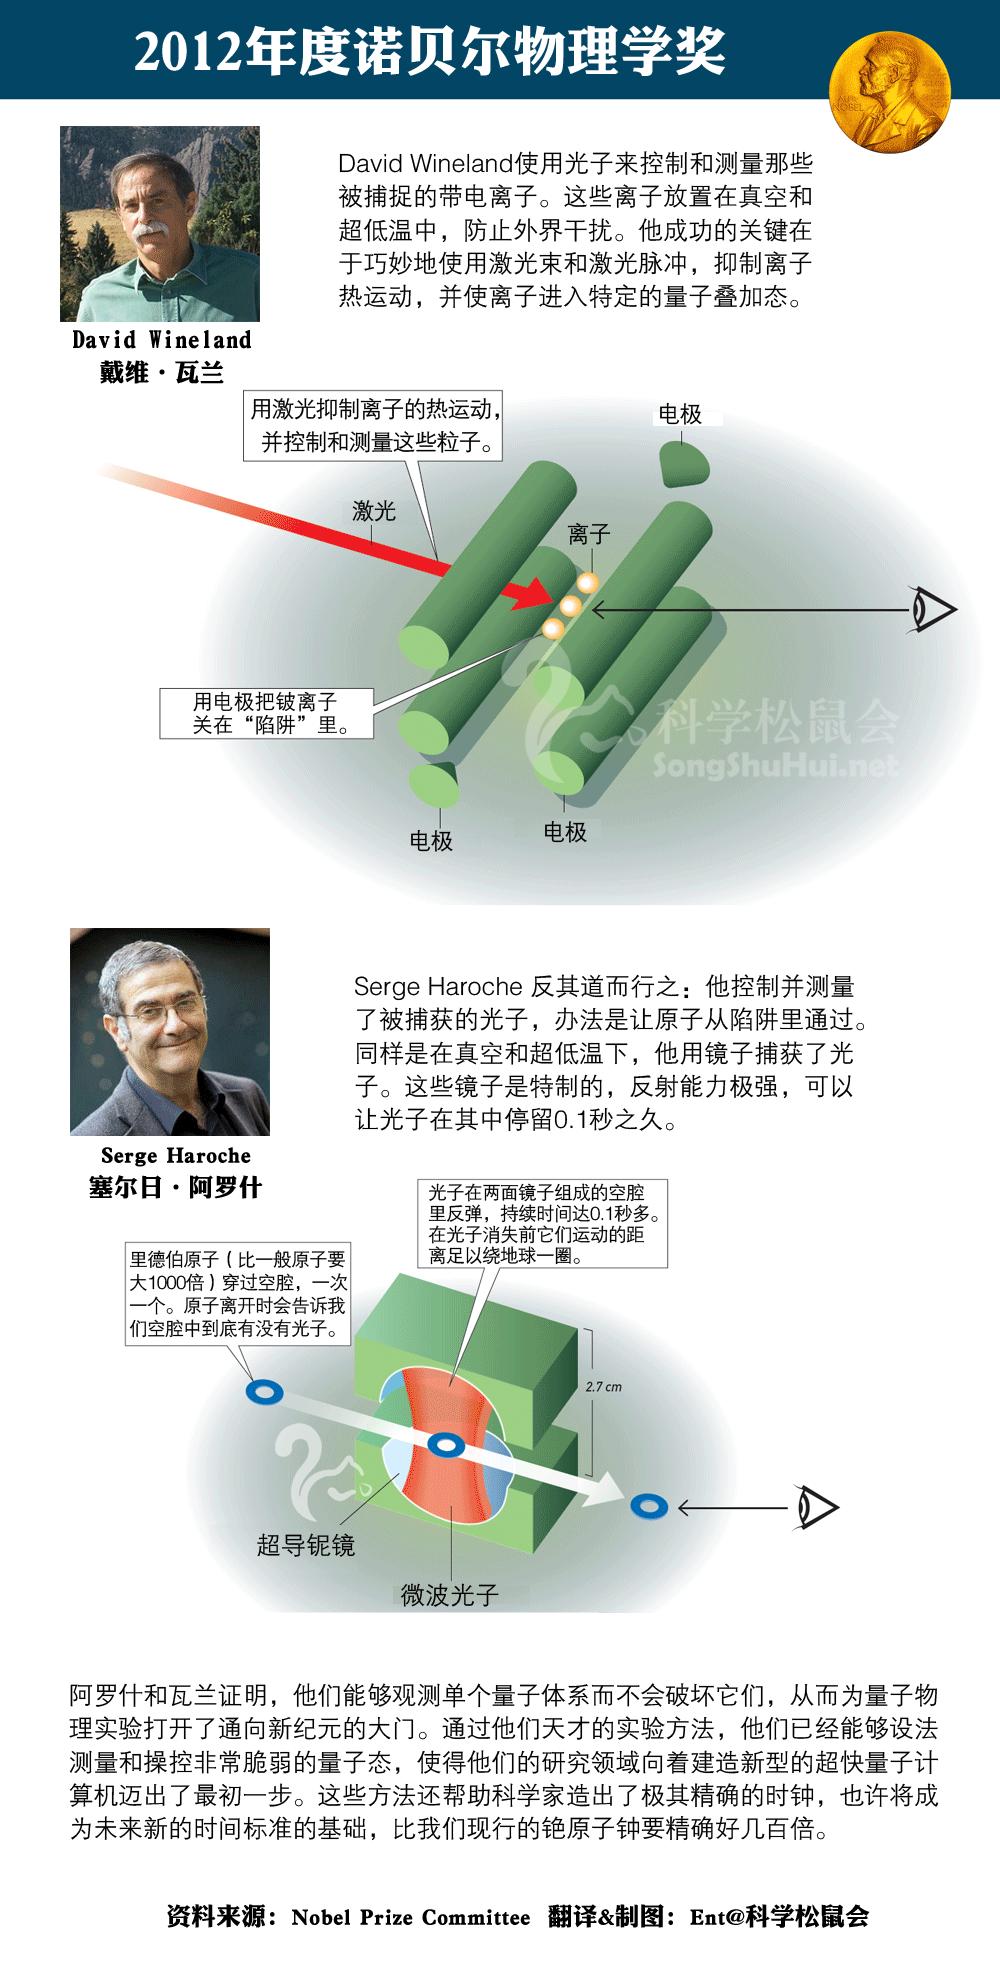 图解2012年诺贝尔物理学奖